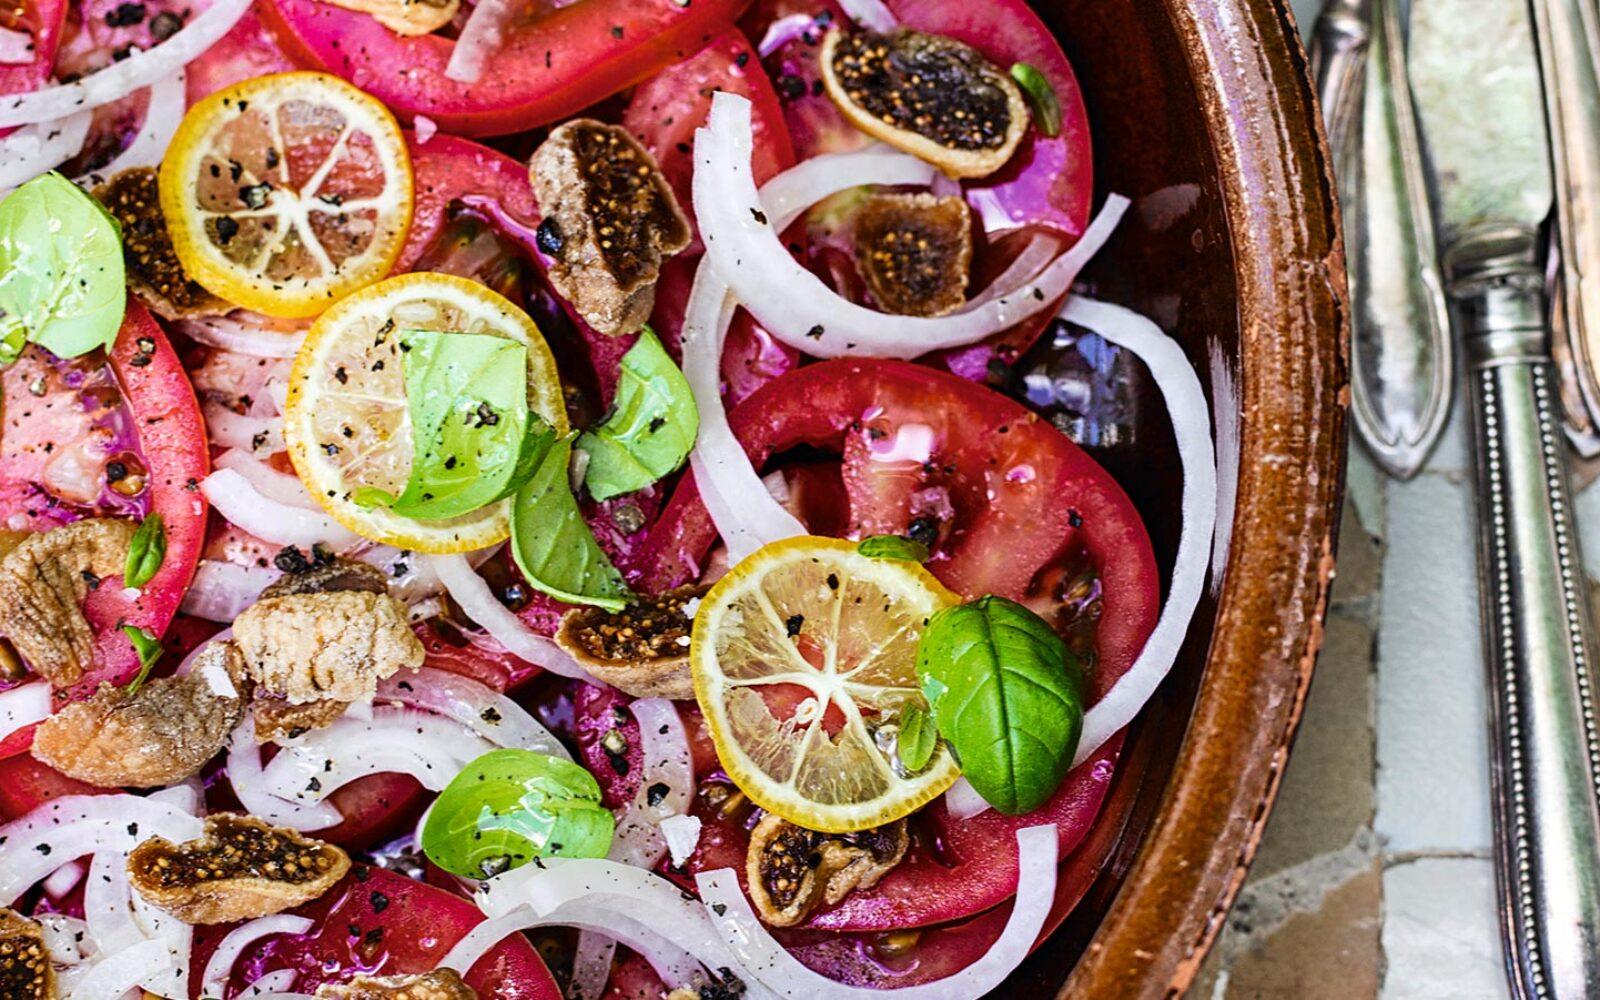 Tomat-figensalat med citron - opskrift af Tina Scheftelowitz fra bogen Den andalusiske drøm